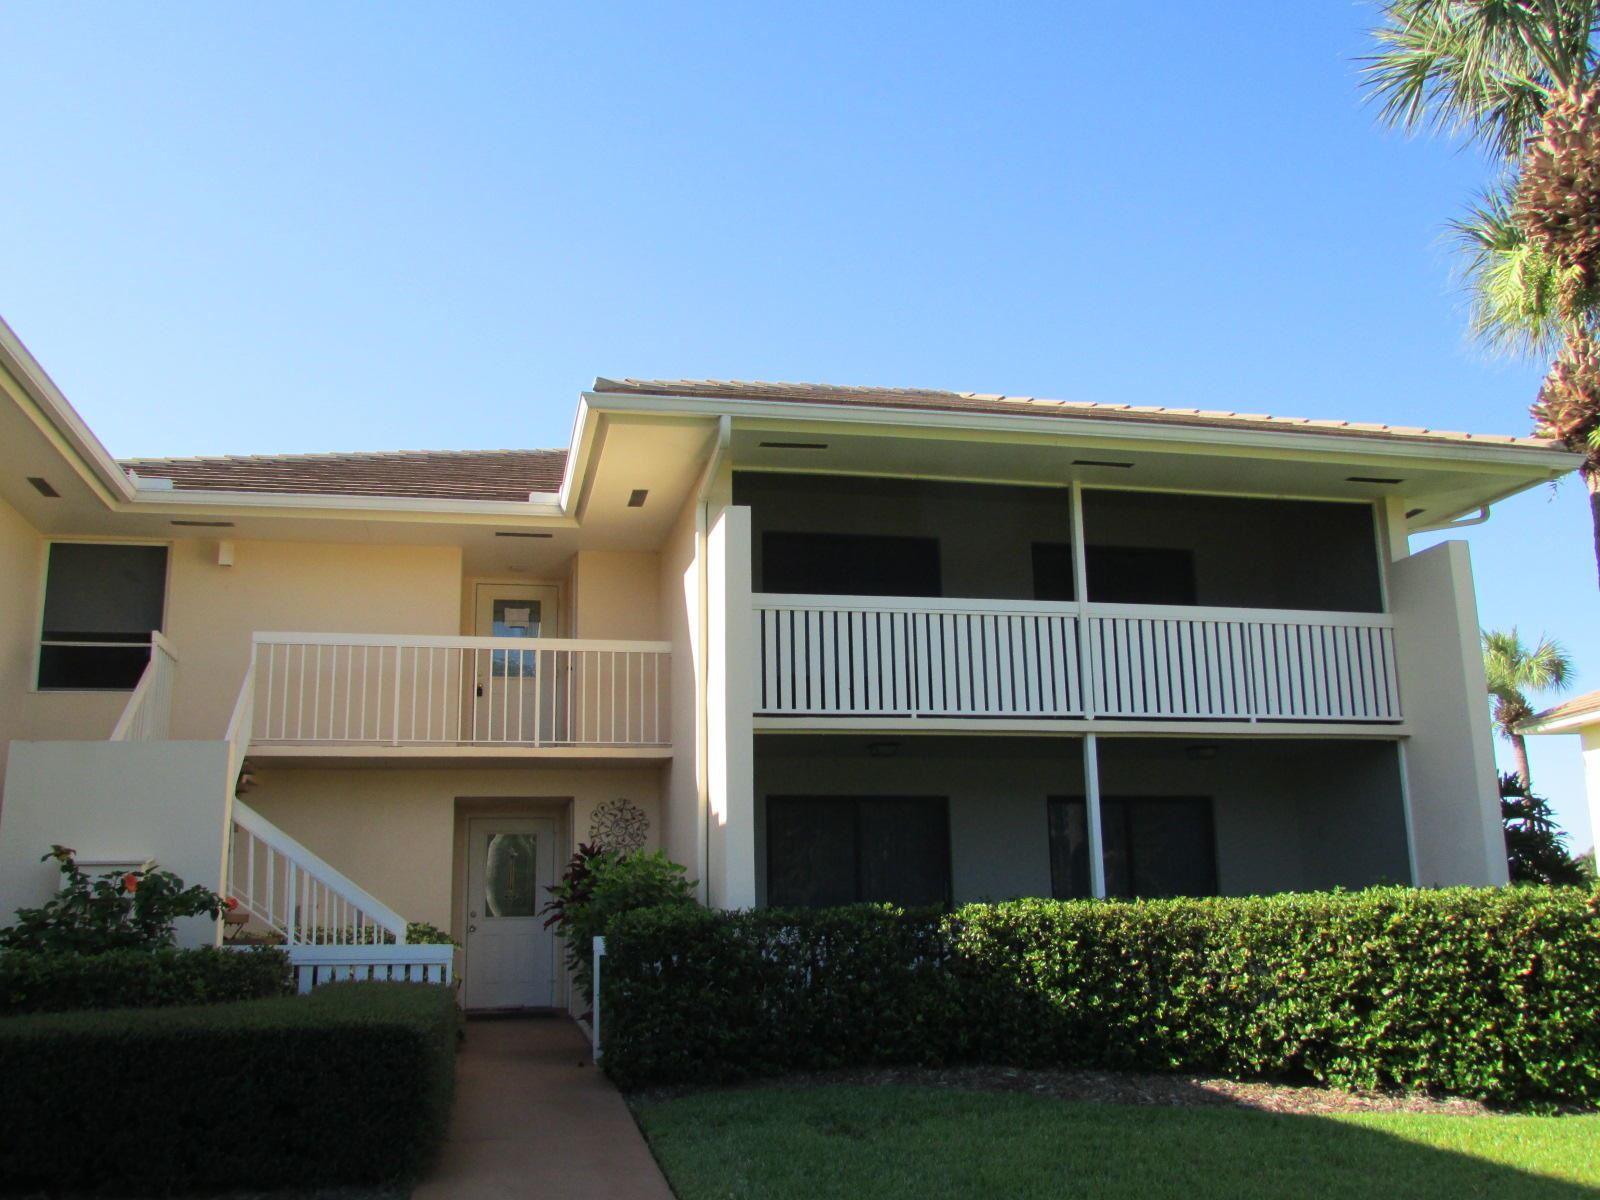 Photo of 4061 SW Parkgate Boulevard #1-8, Palm City, FL 34990 (MLS # RX-10620419)